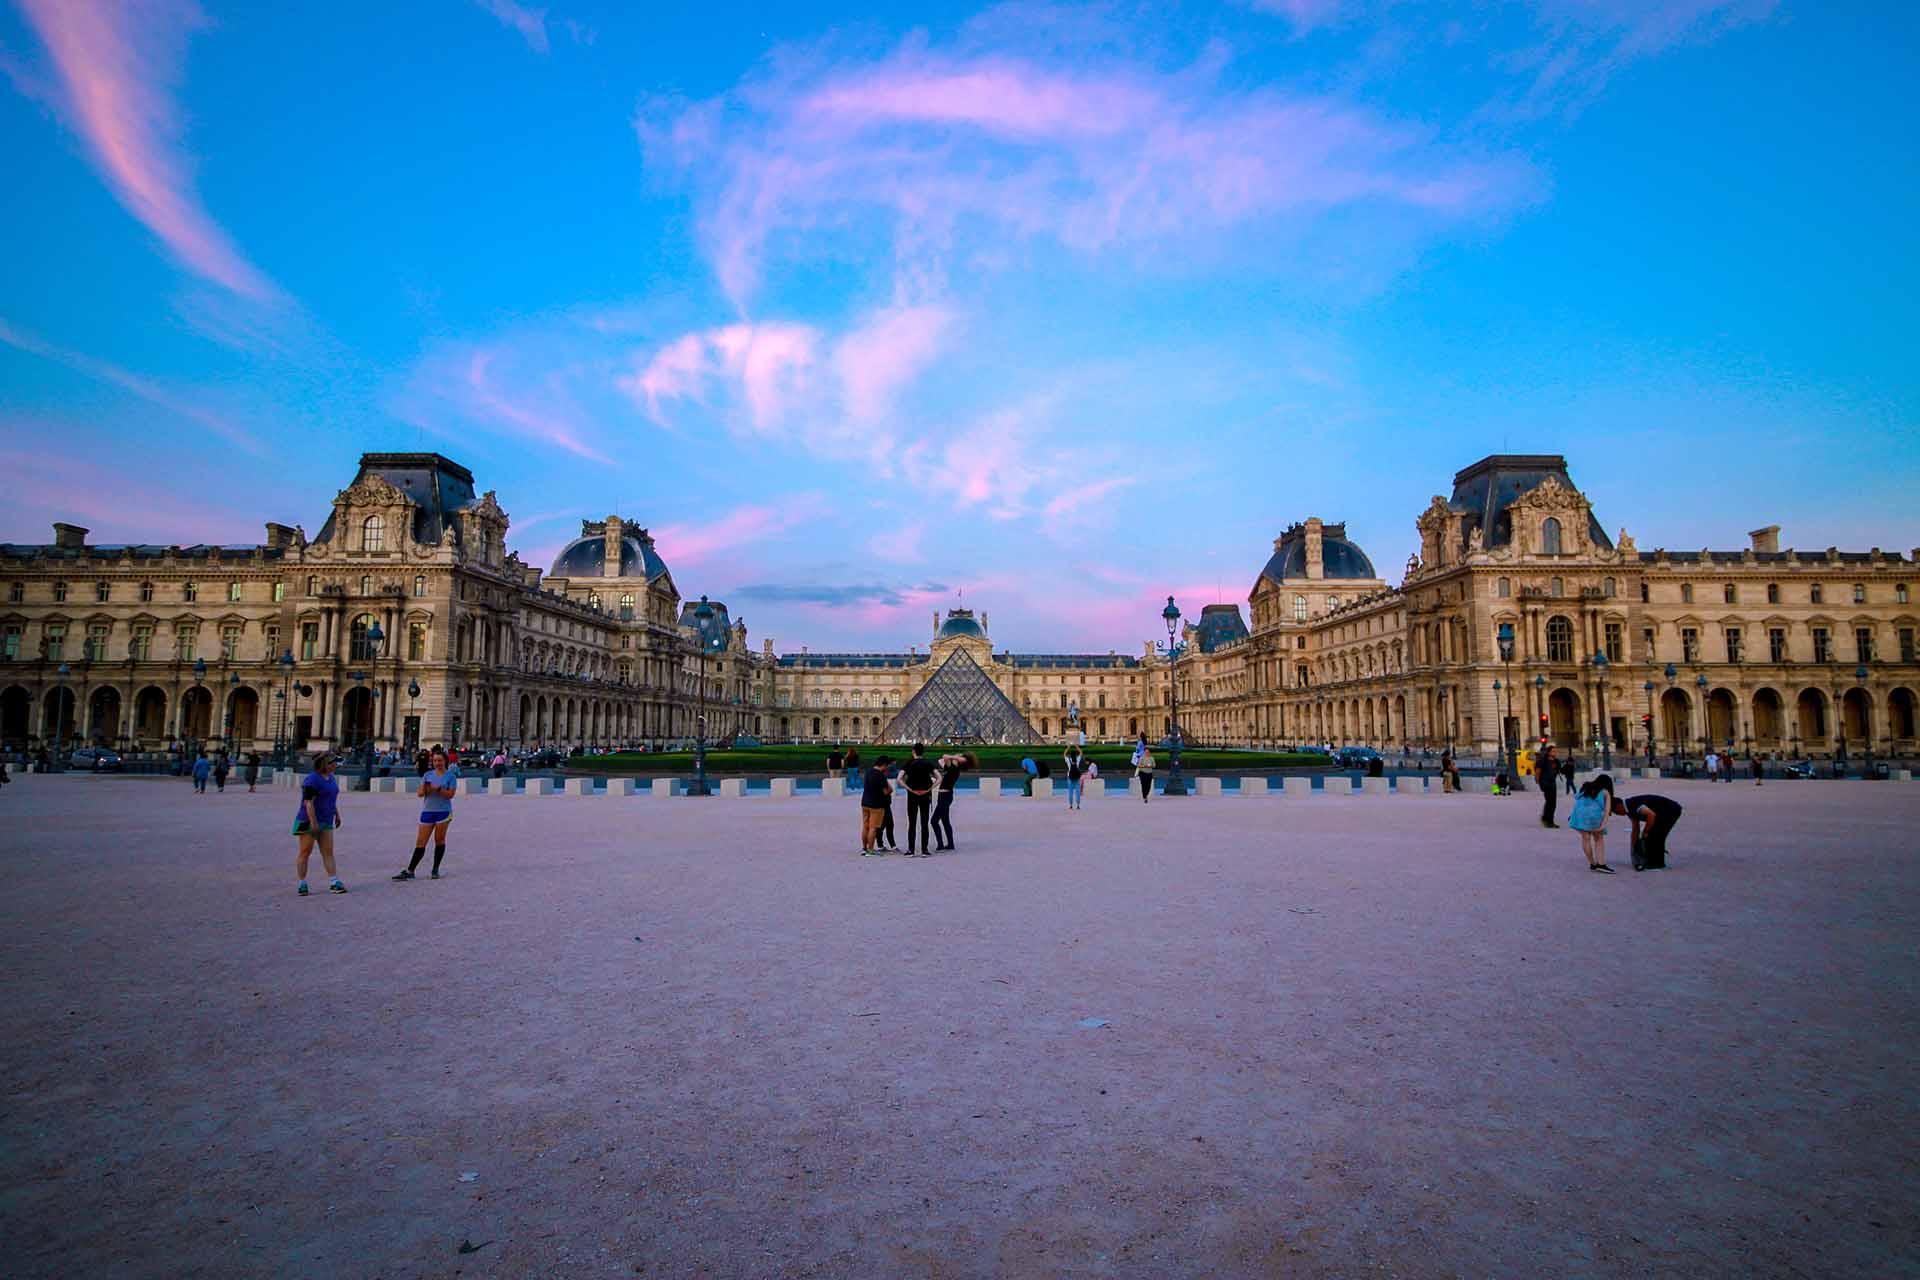 Keewego Paris